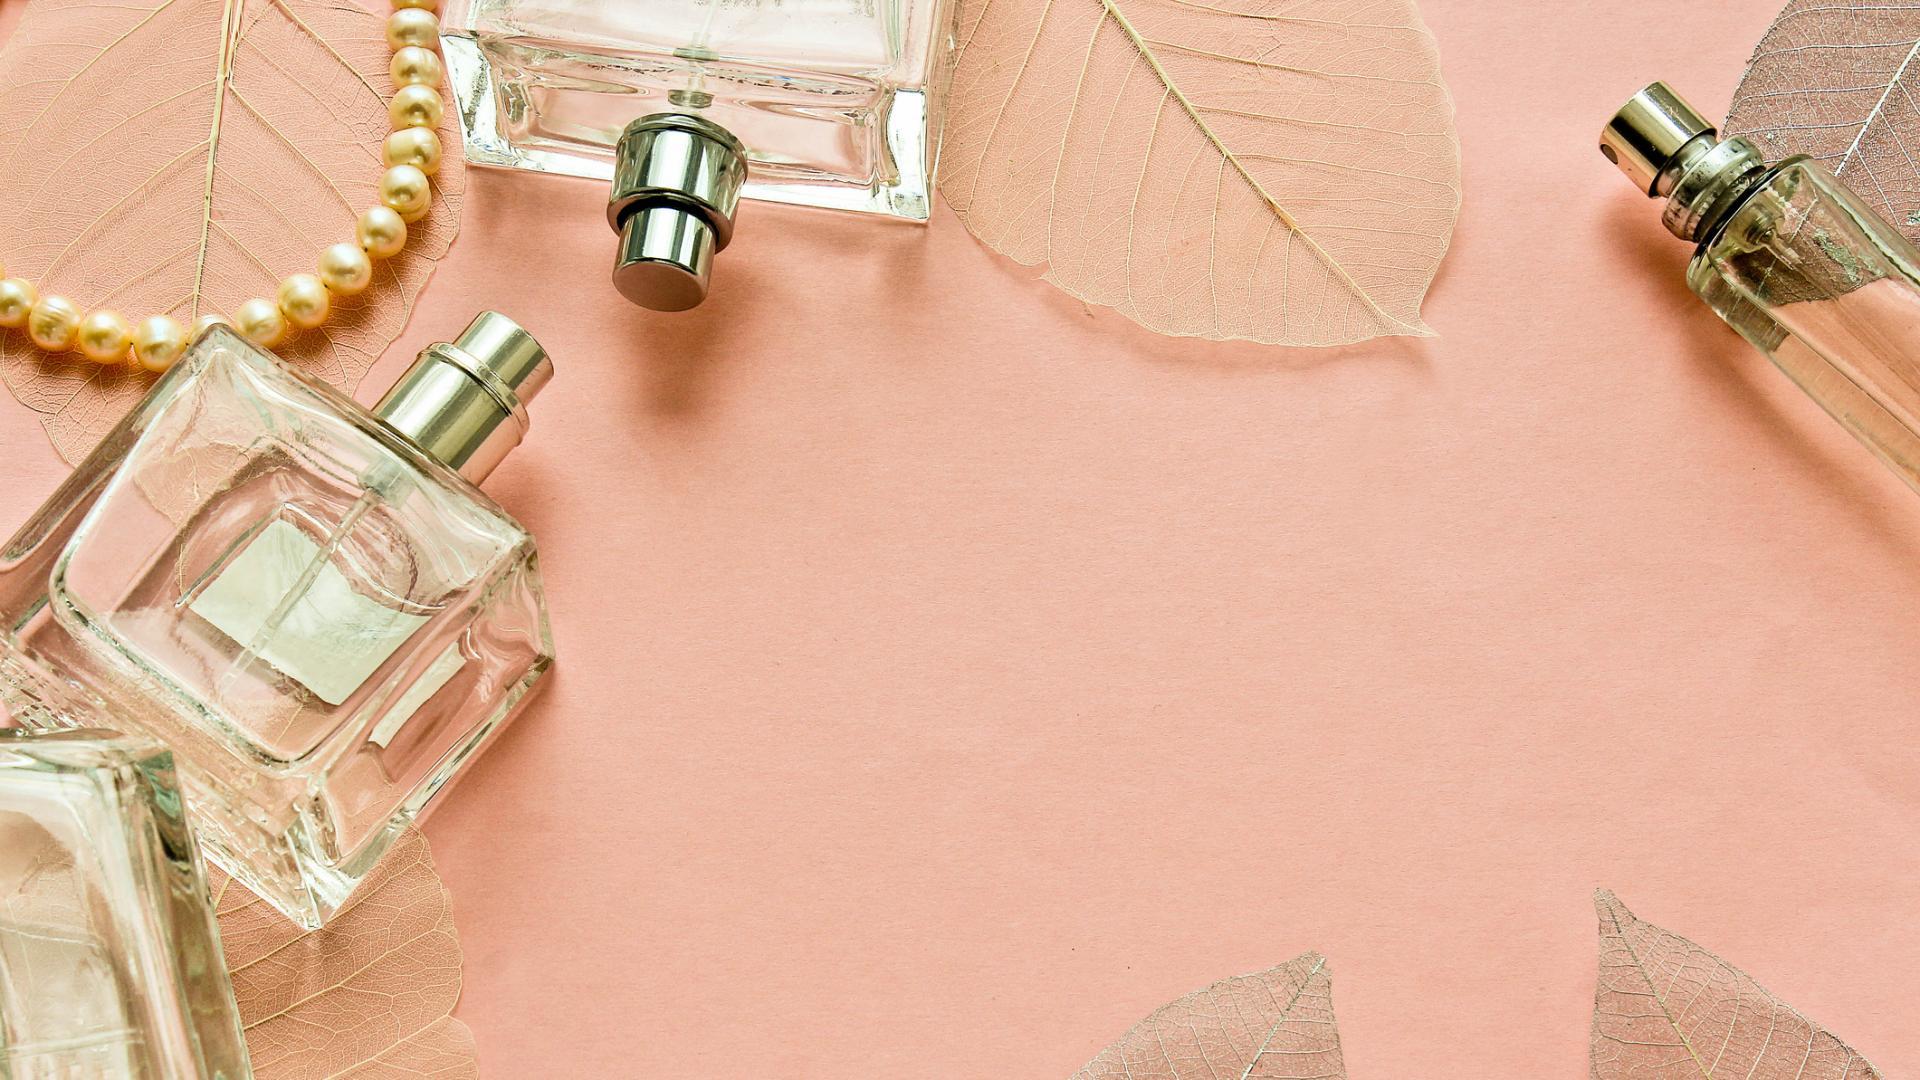 красивые картинки парфюм для сайта расскажем покажем, что